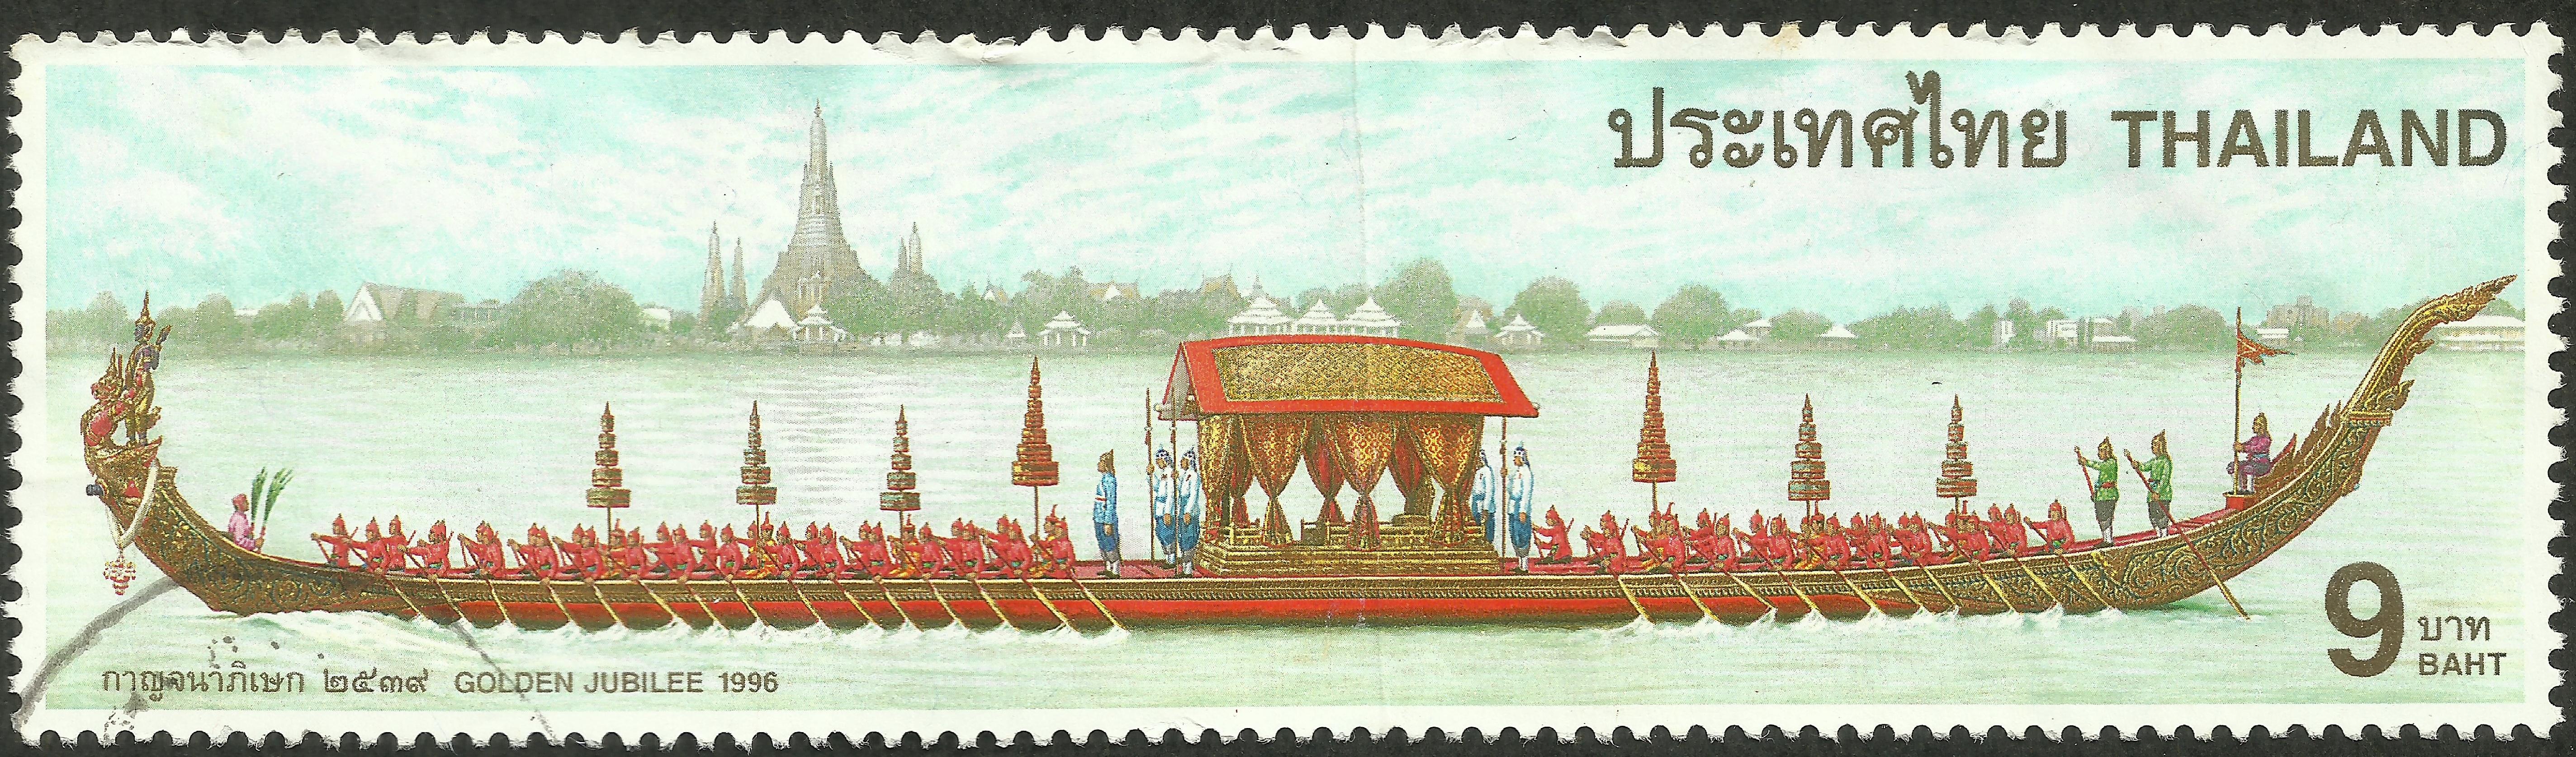 Thailand - Scott #1692 (1996)